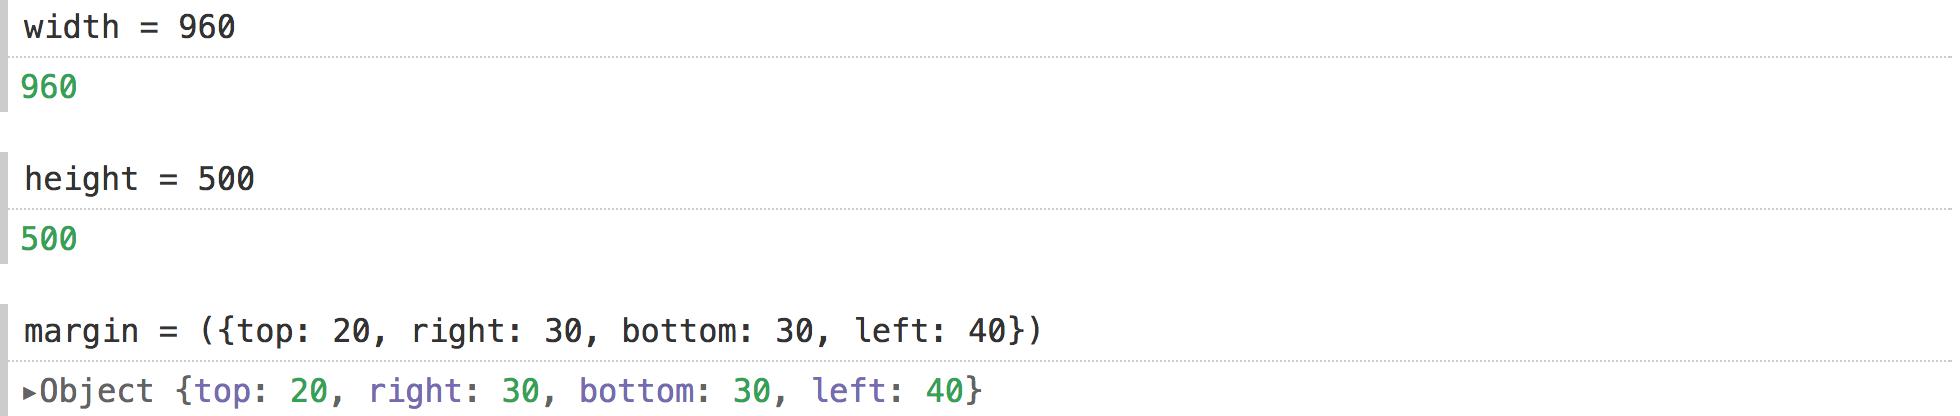 Лучший Способ Программирования (Better way To Code) - 11